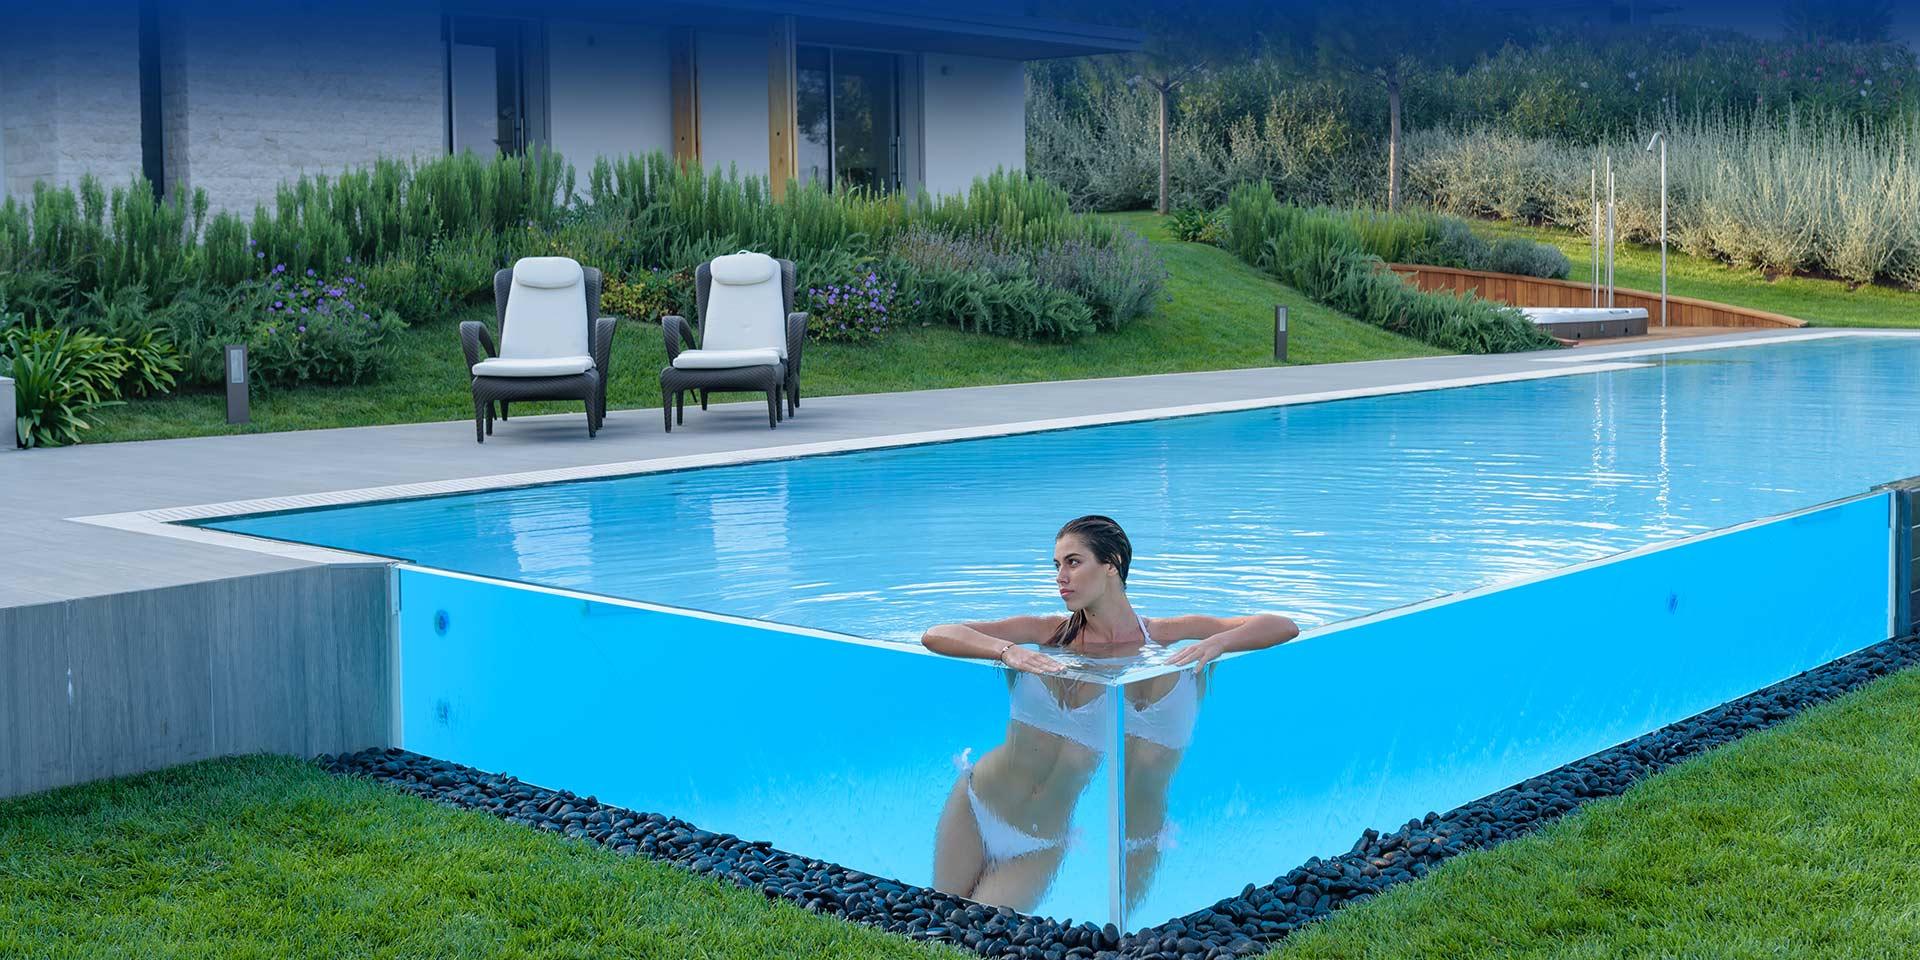 piscine-lucca-equipe